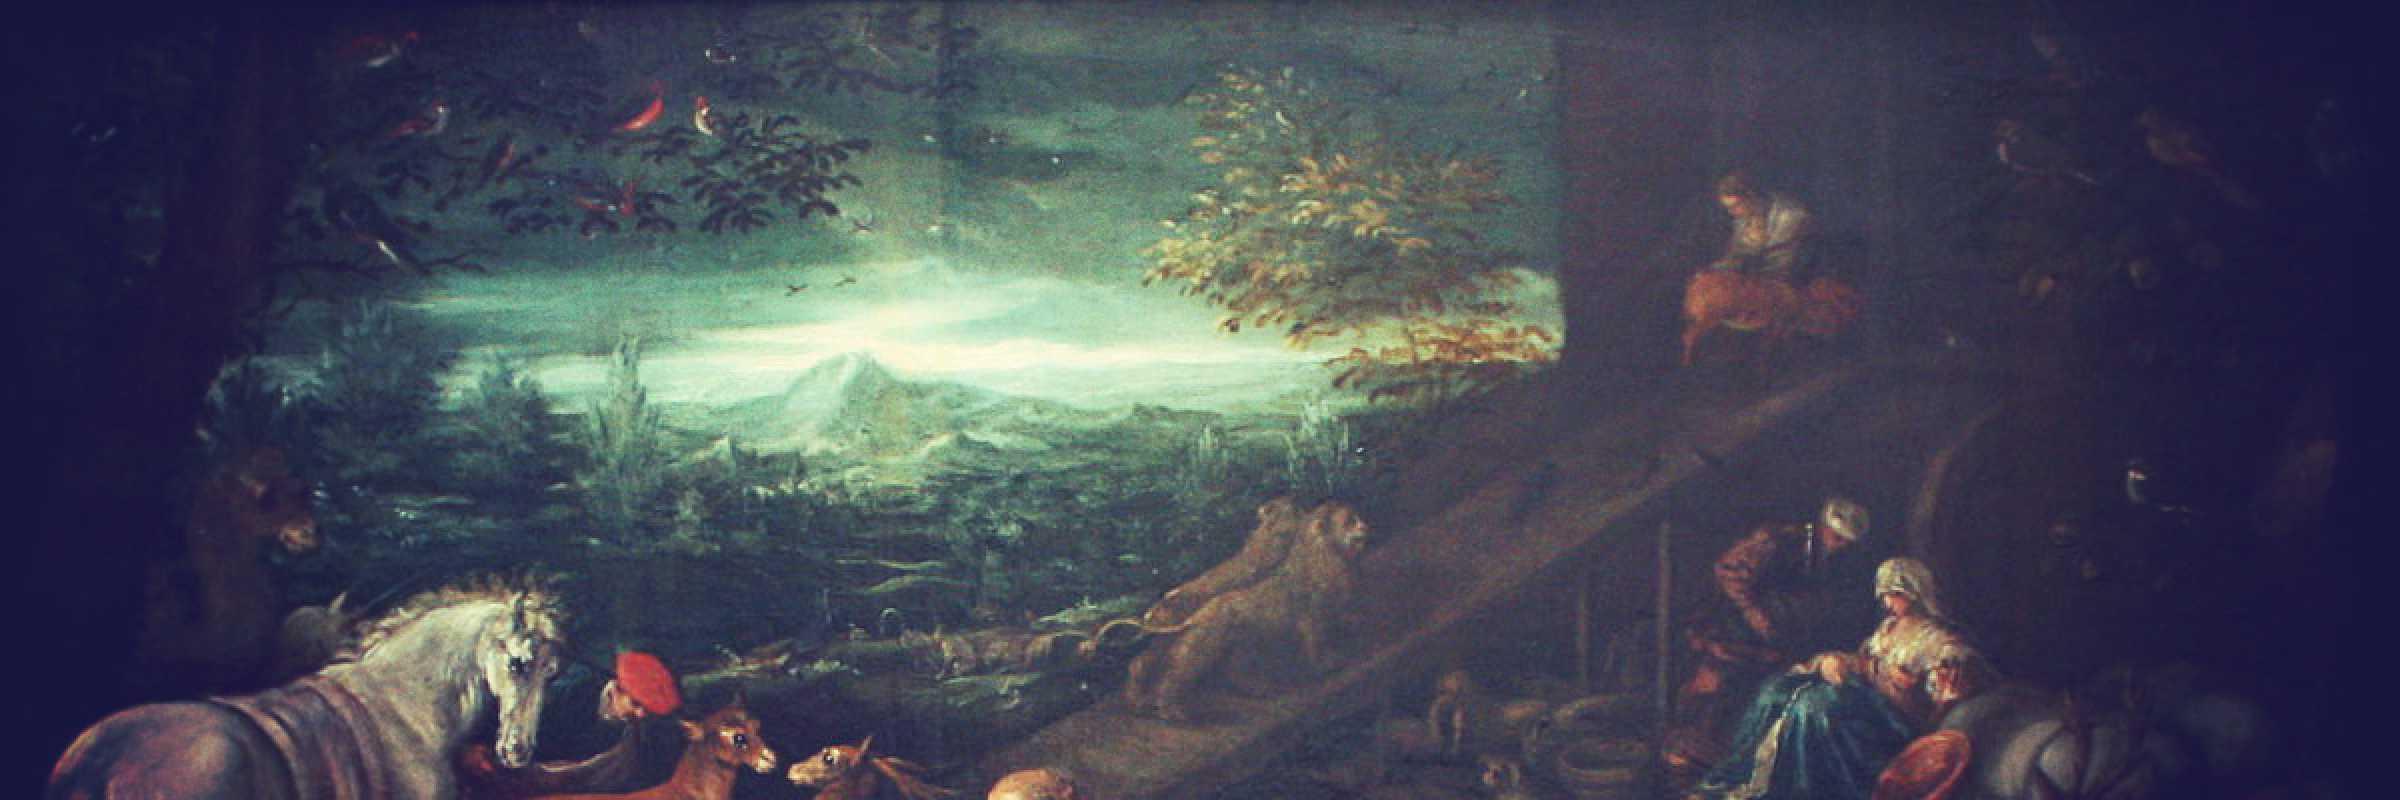 Frammento di un quadro di Jacopo Bassano.